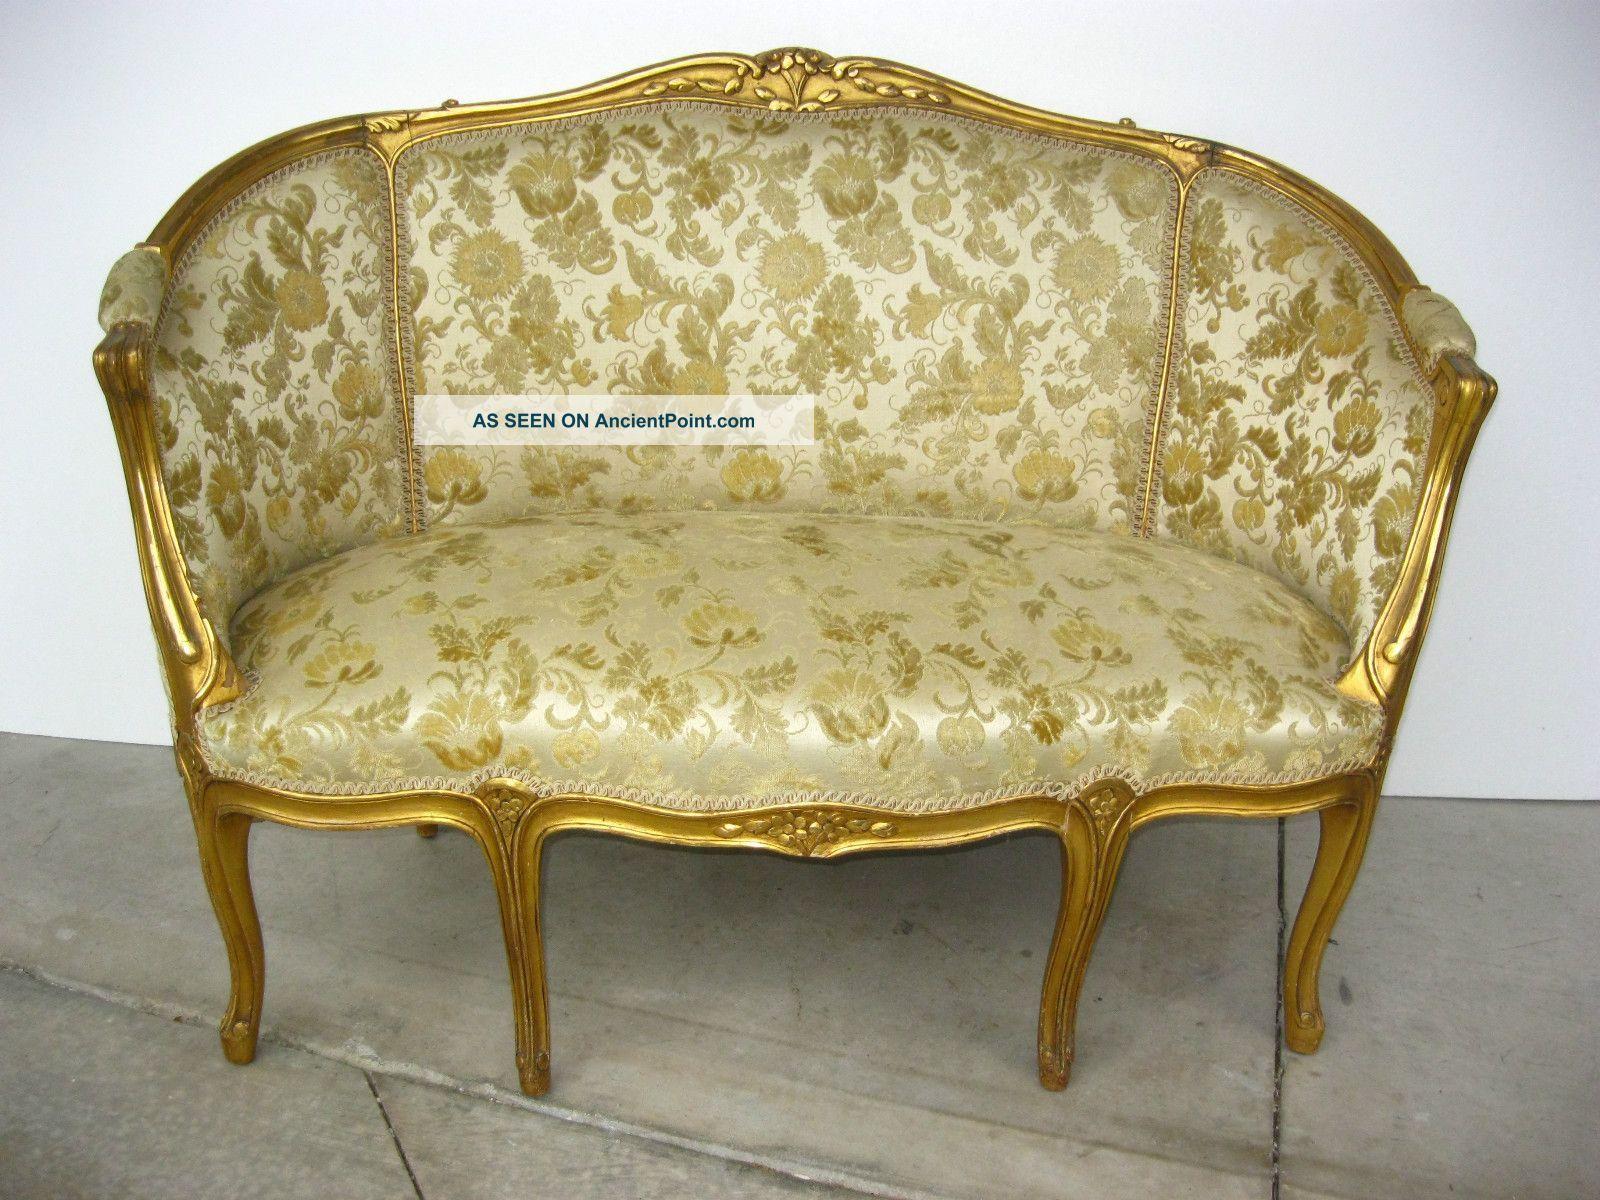 Vintage French Provincial Style Gold Gilt &gold Floral Velvet